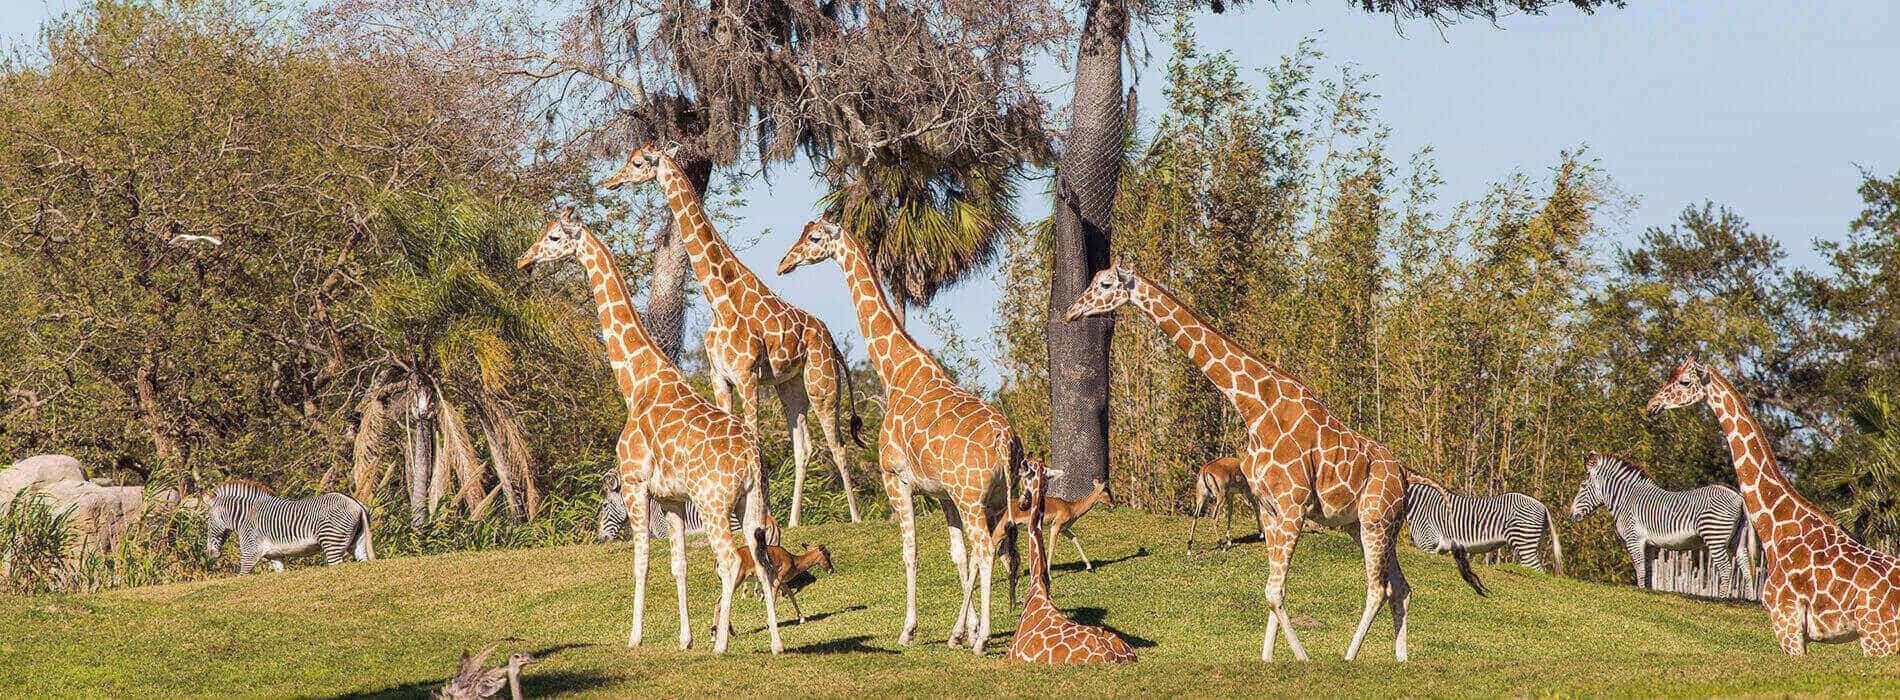 Visit the Serengeti Plains at Busch Gardens Tampa Bay